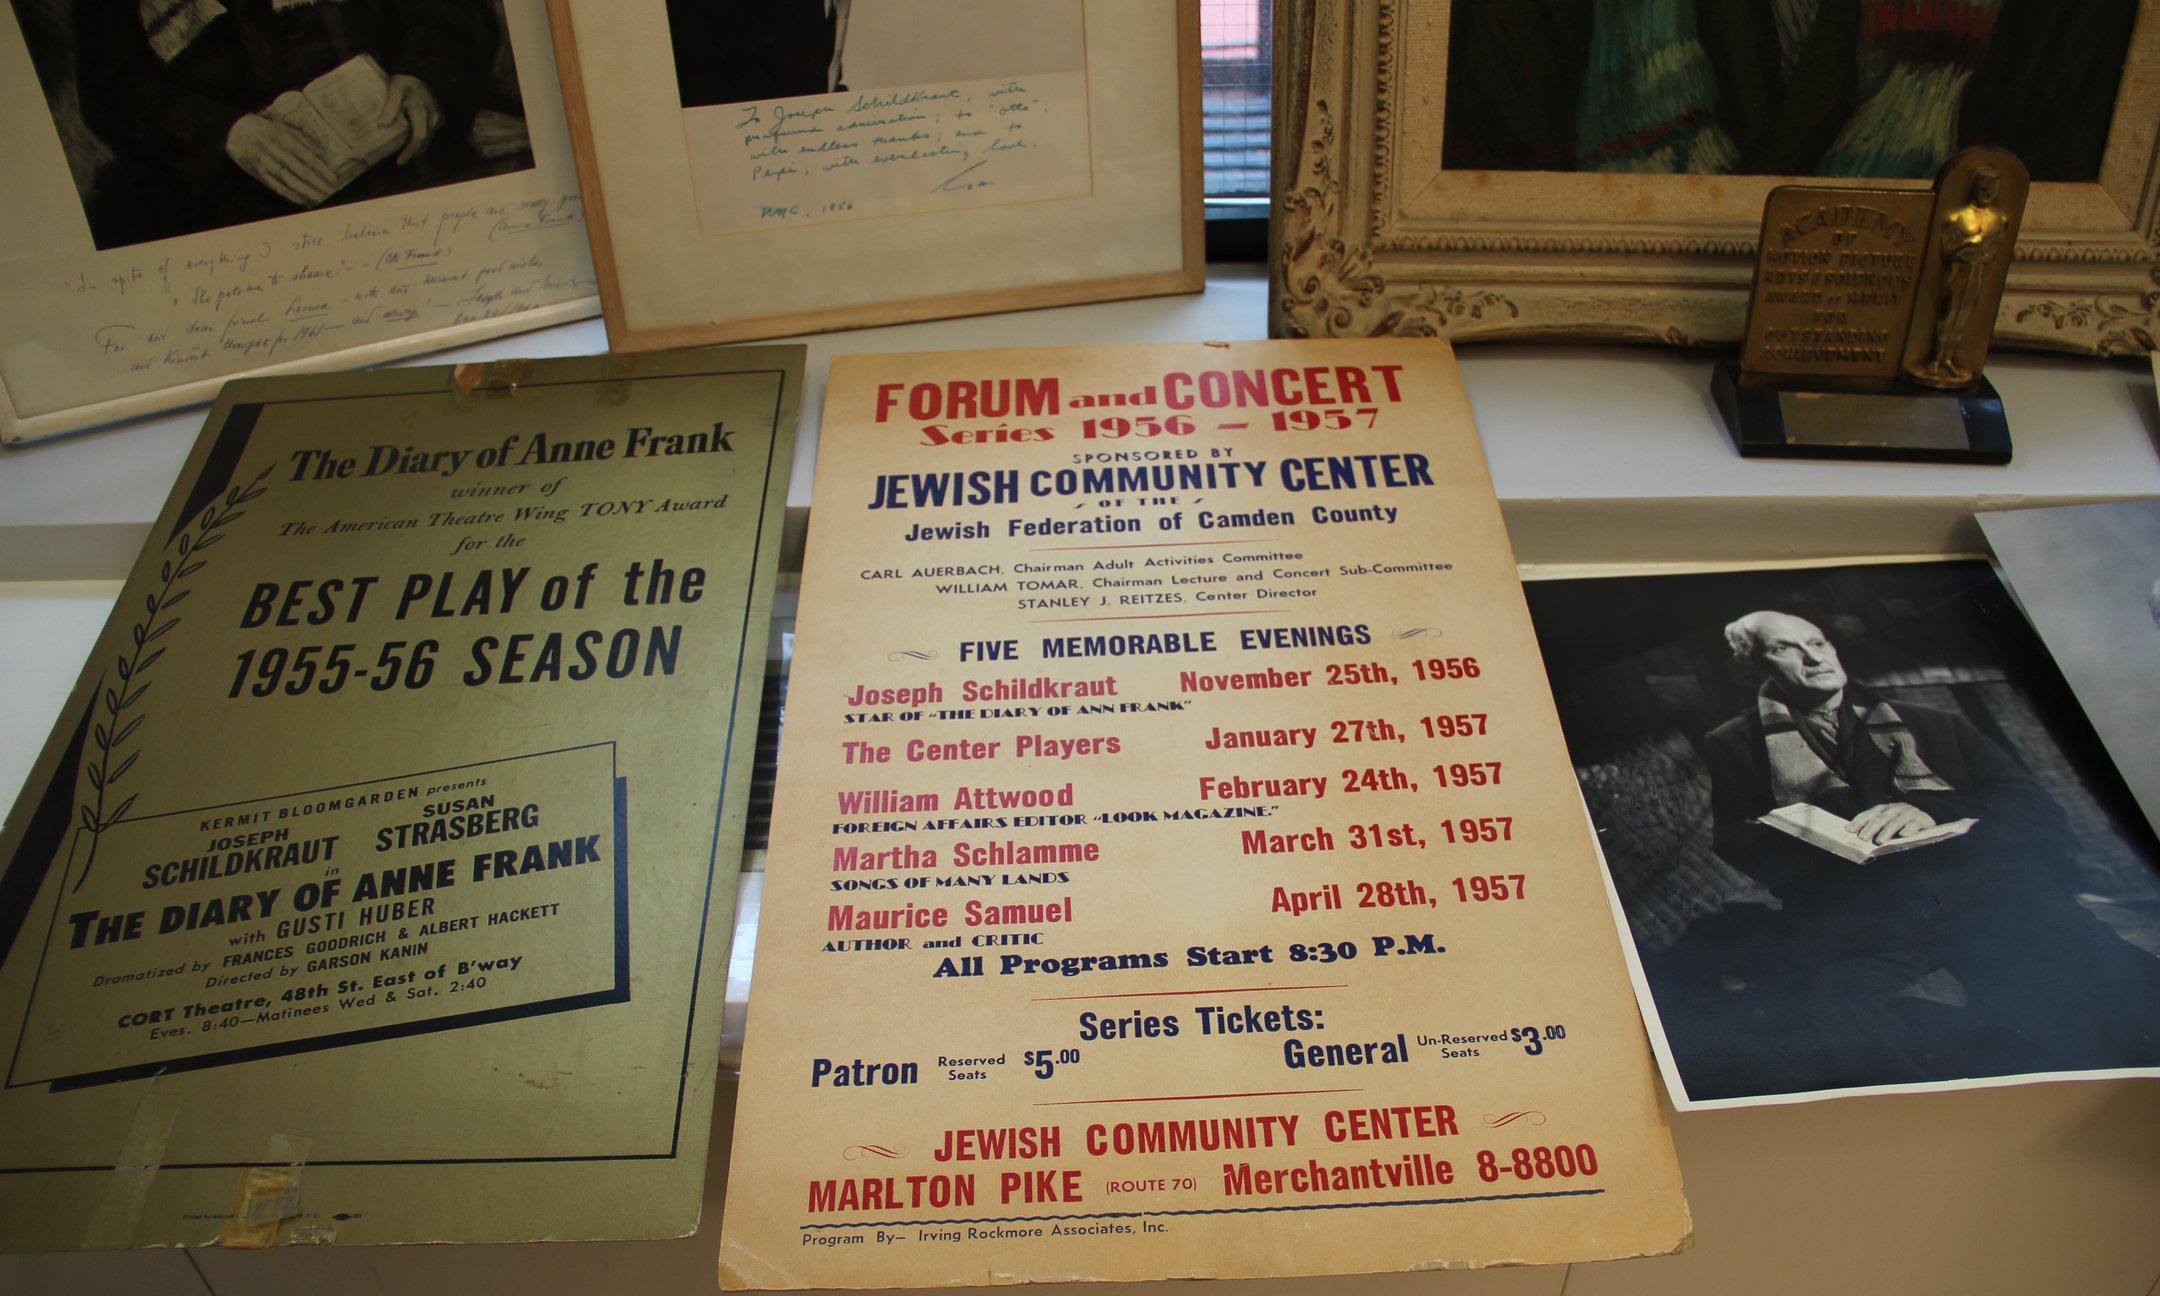 Aankondigingen van het toneelstuk The Diary of Anne Frank en foto's uit de collectie van Joseph Schildkraut